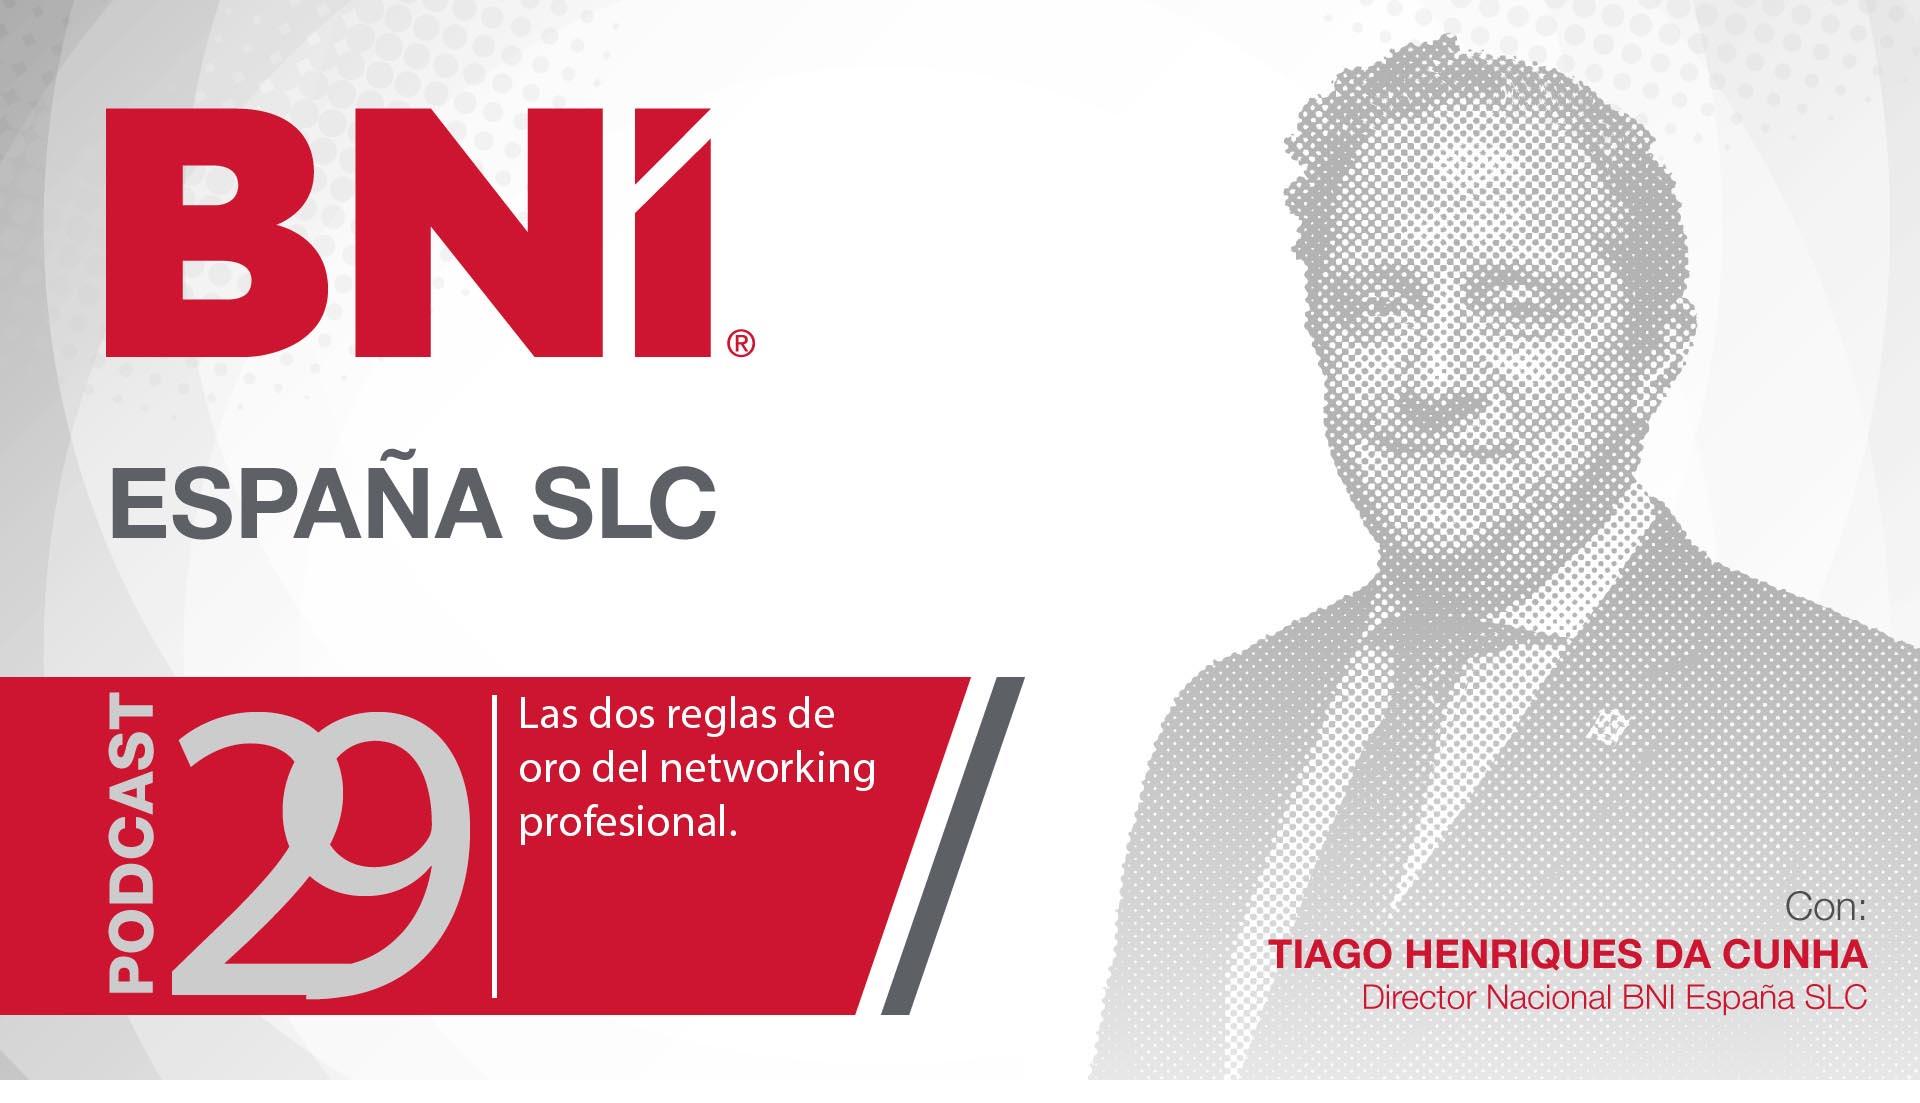 EPISODIO 29 – LAS DOS REGLAS DE ORO DEL NETWORKING PROFESIONAL